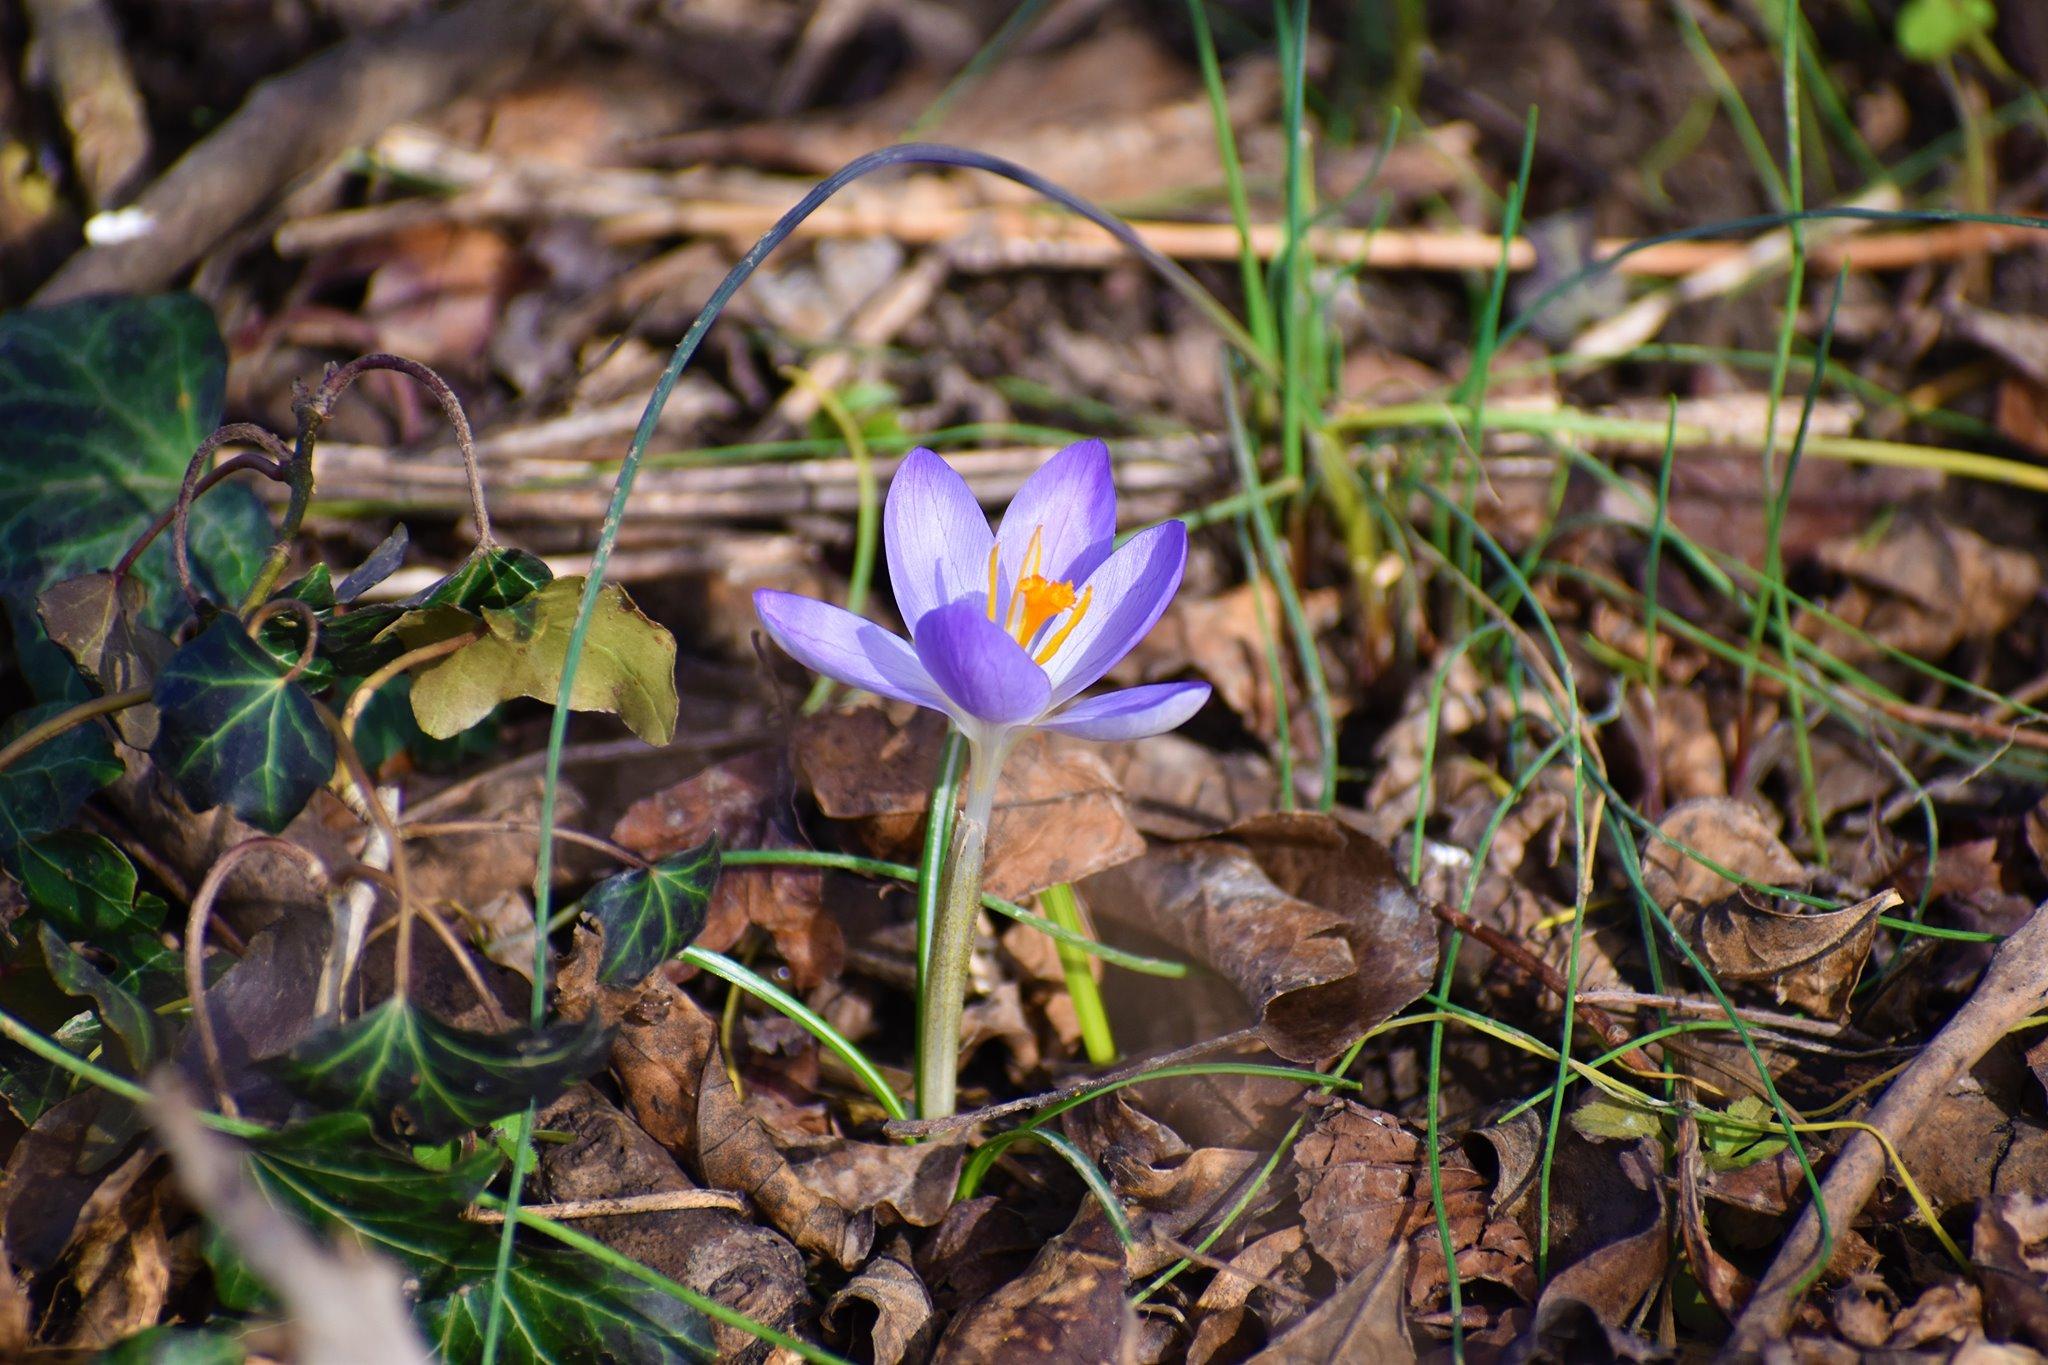 Darstellung einer violetten Krokusblüte